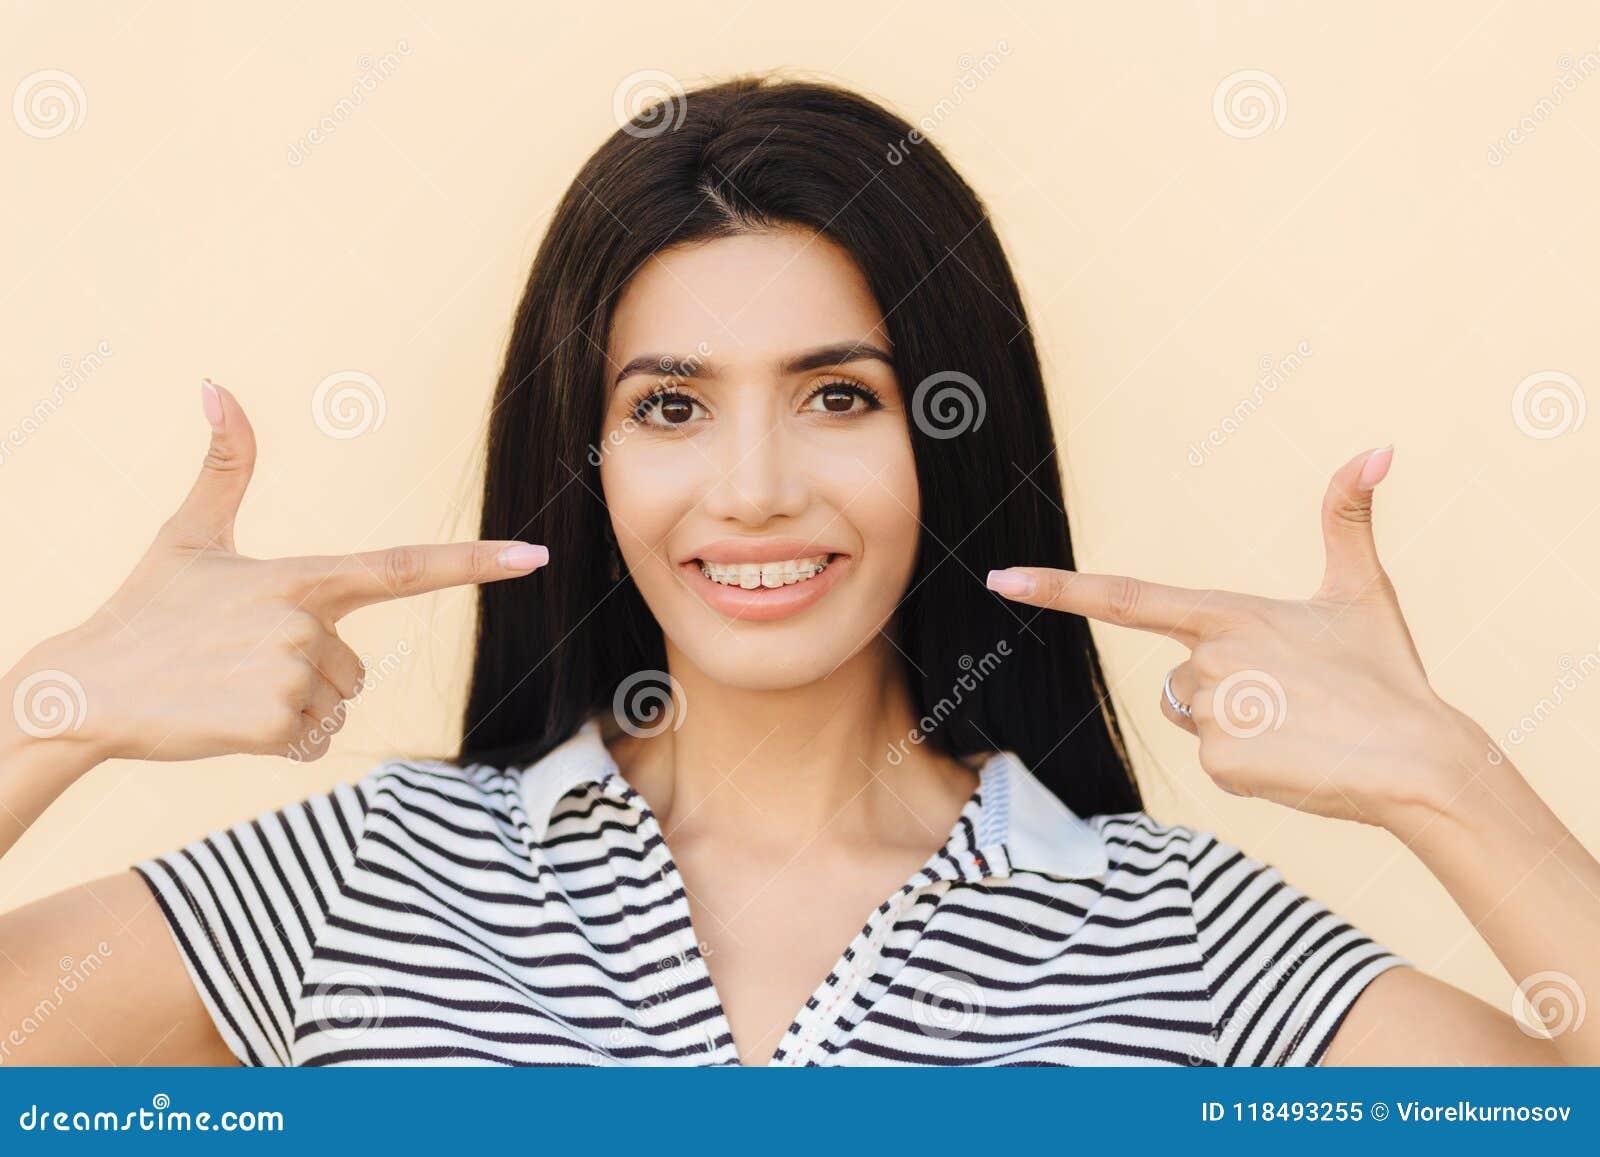 Leute, Schönheit und Werbekonzeption Junge Frau des Brunette mit leichtem Lächeln, zeigt am Mund mit breitem Lächeln, hat Klammer